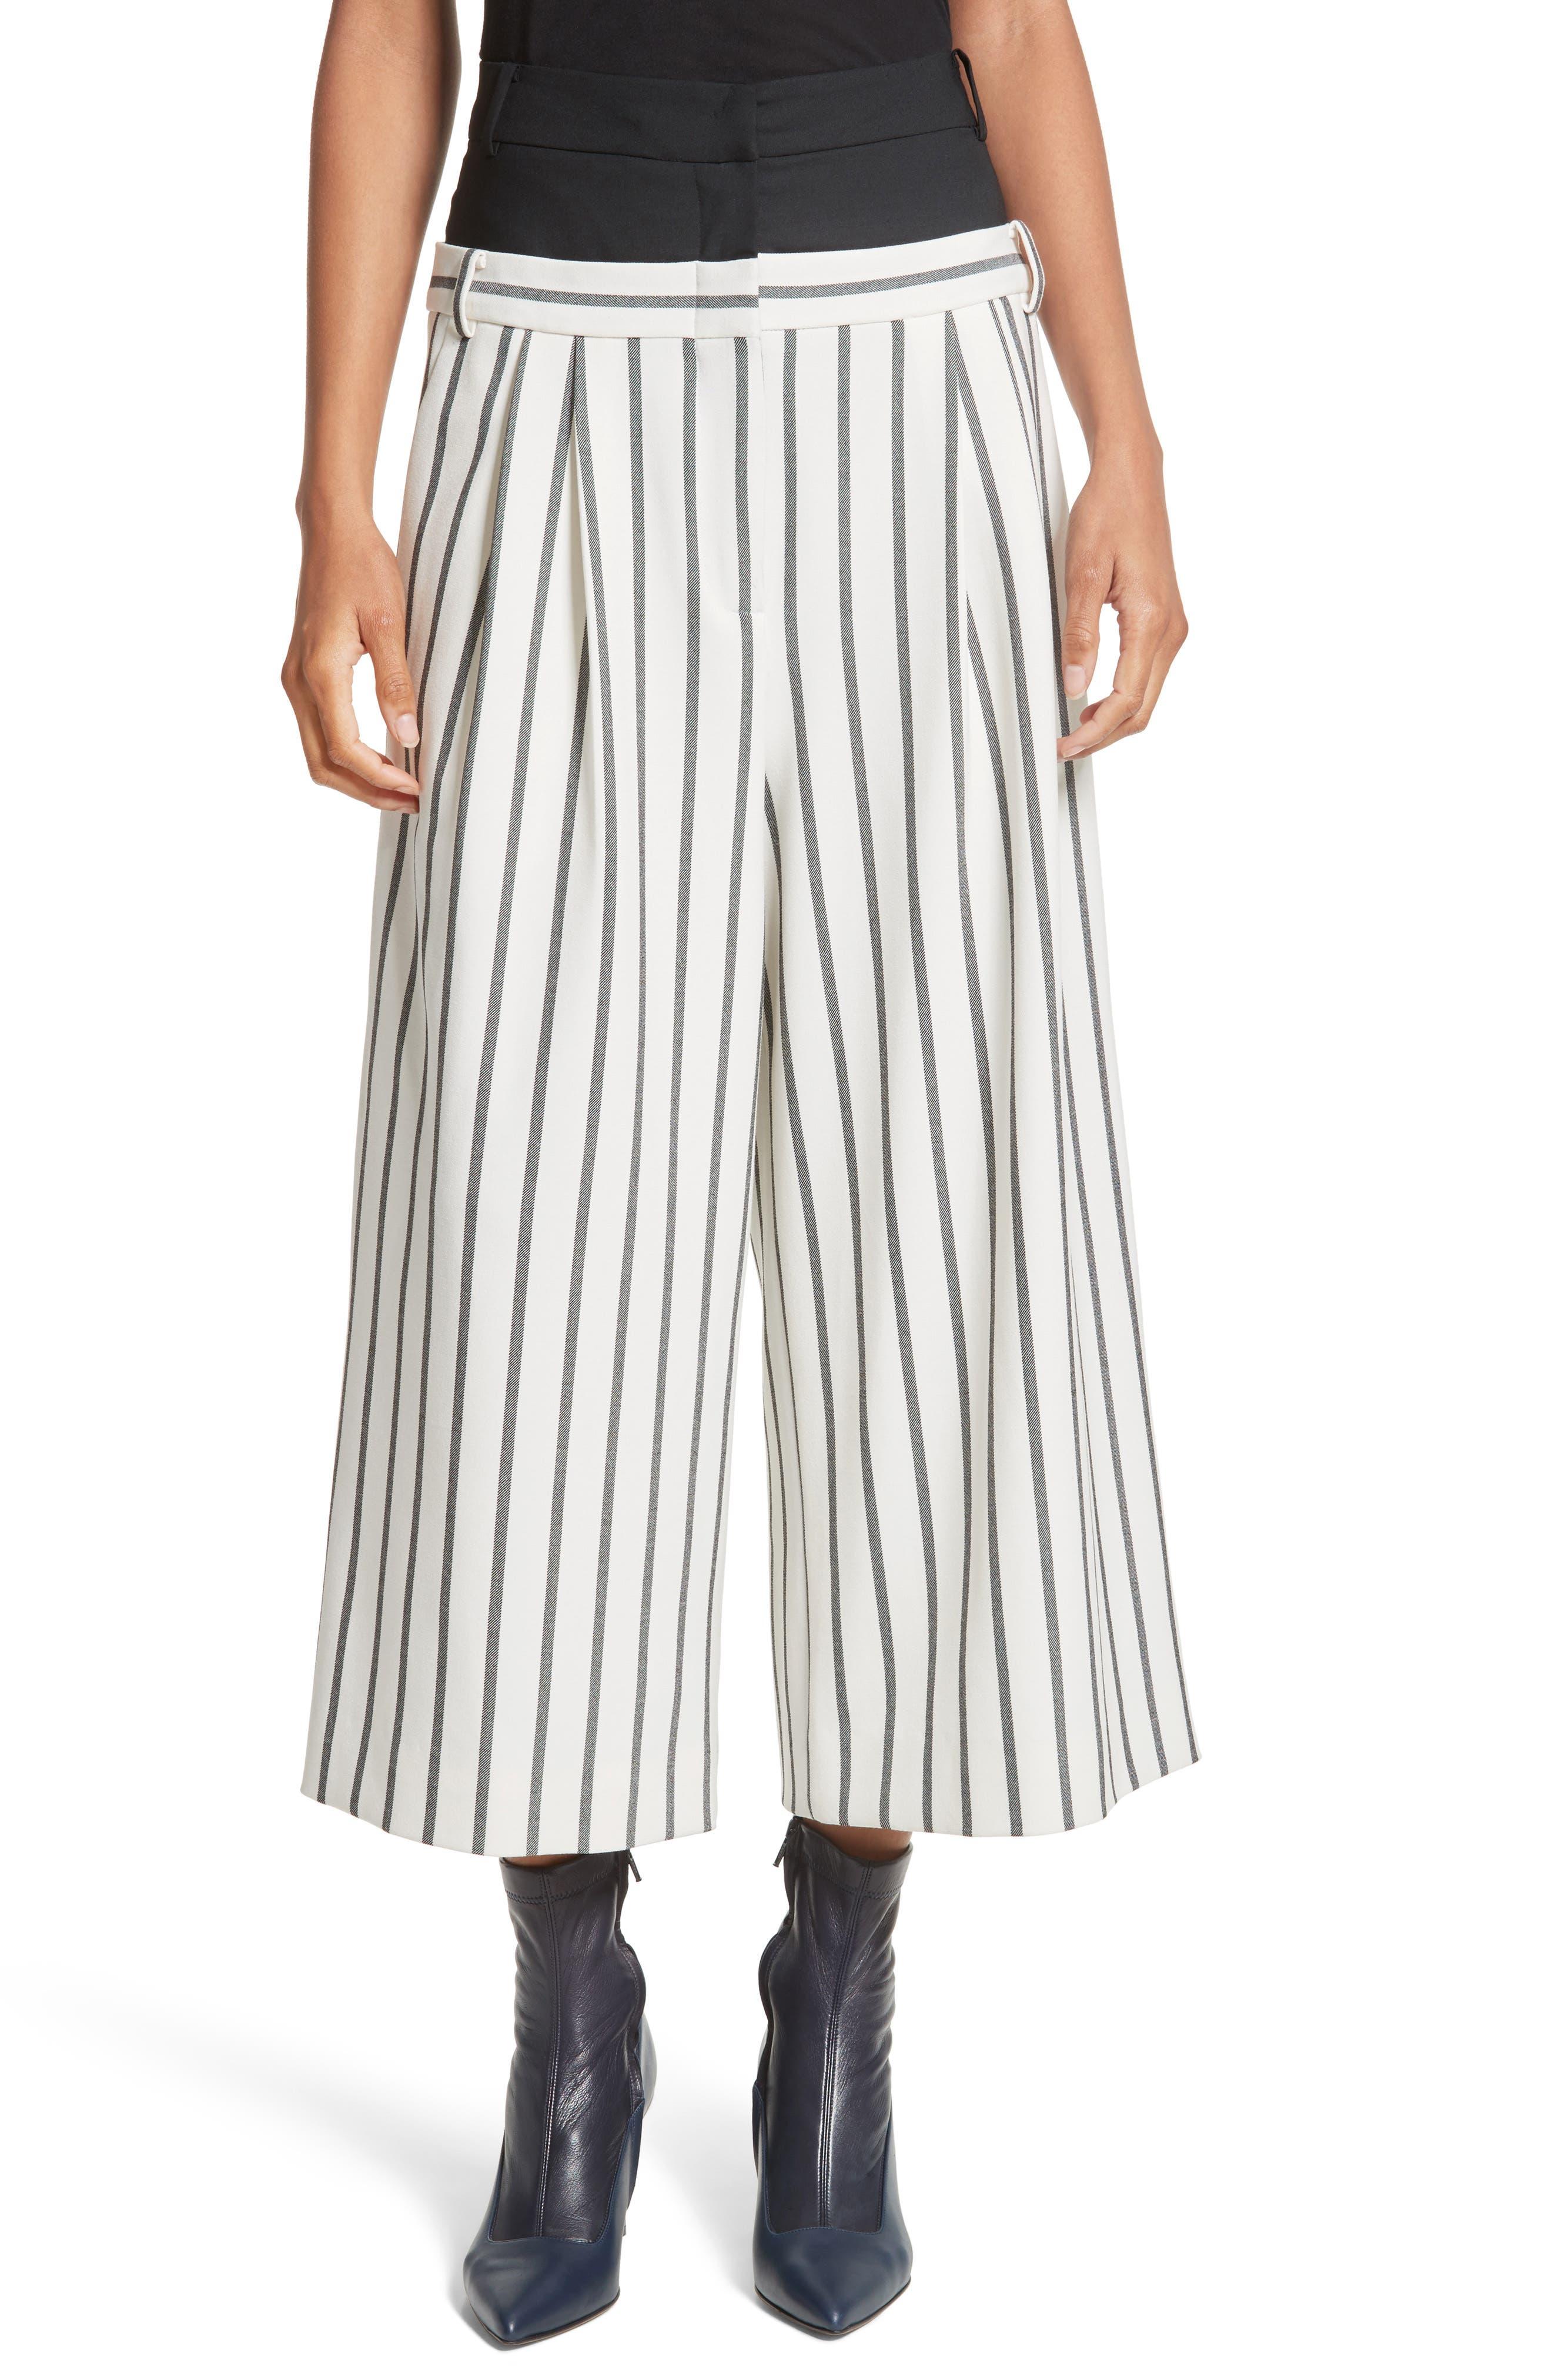 Lucci Stripe Crop Wide Leg Pants,                         Main,                         color, 907